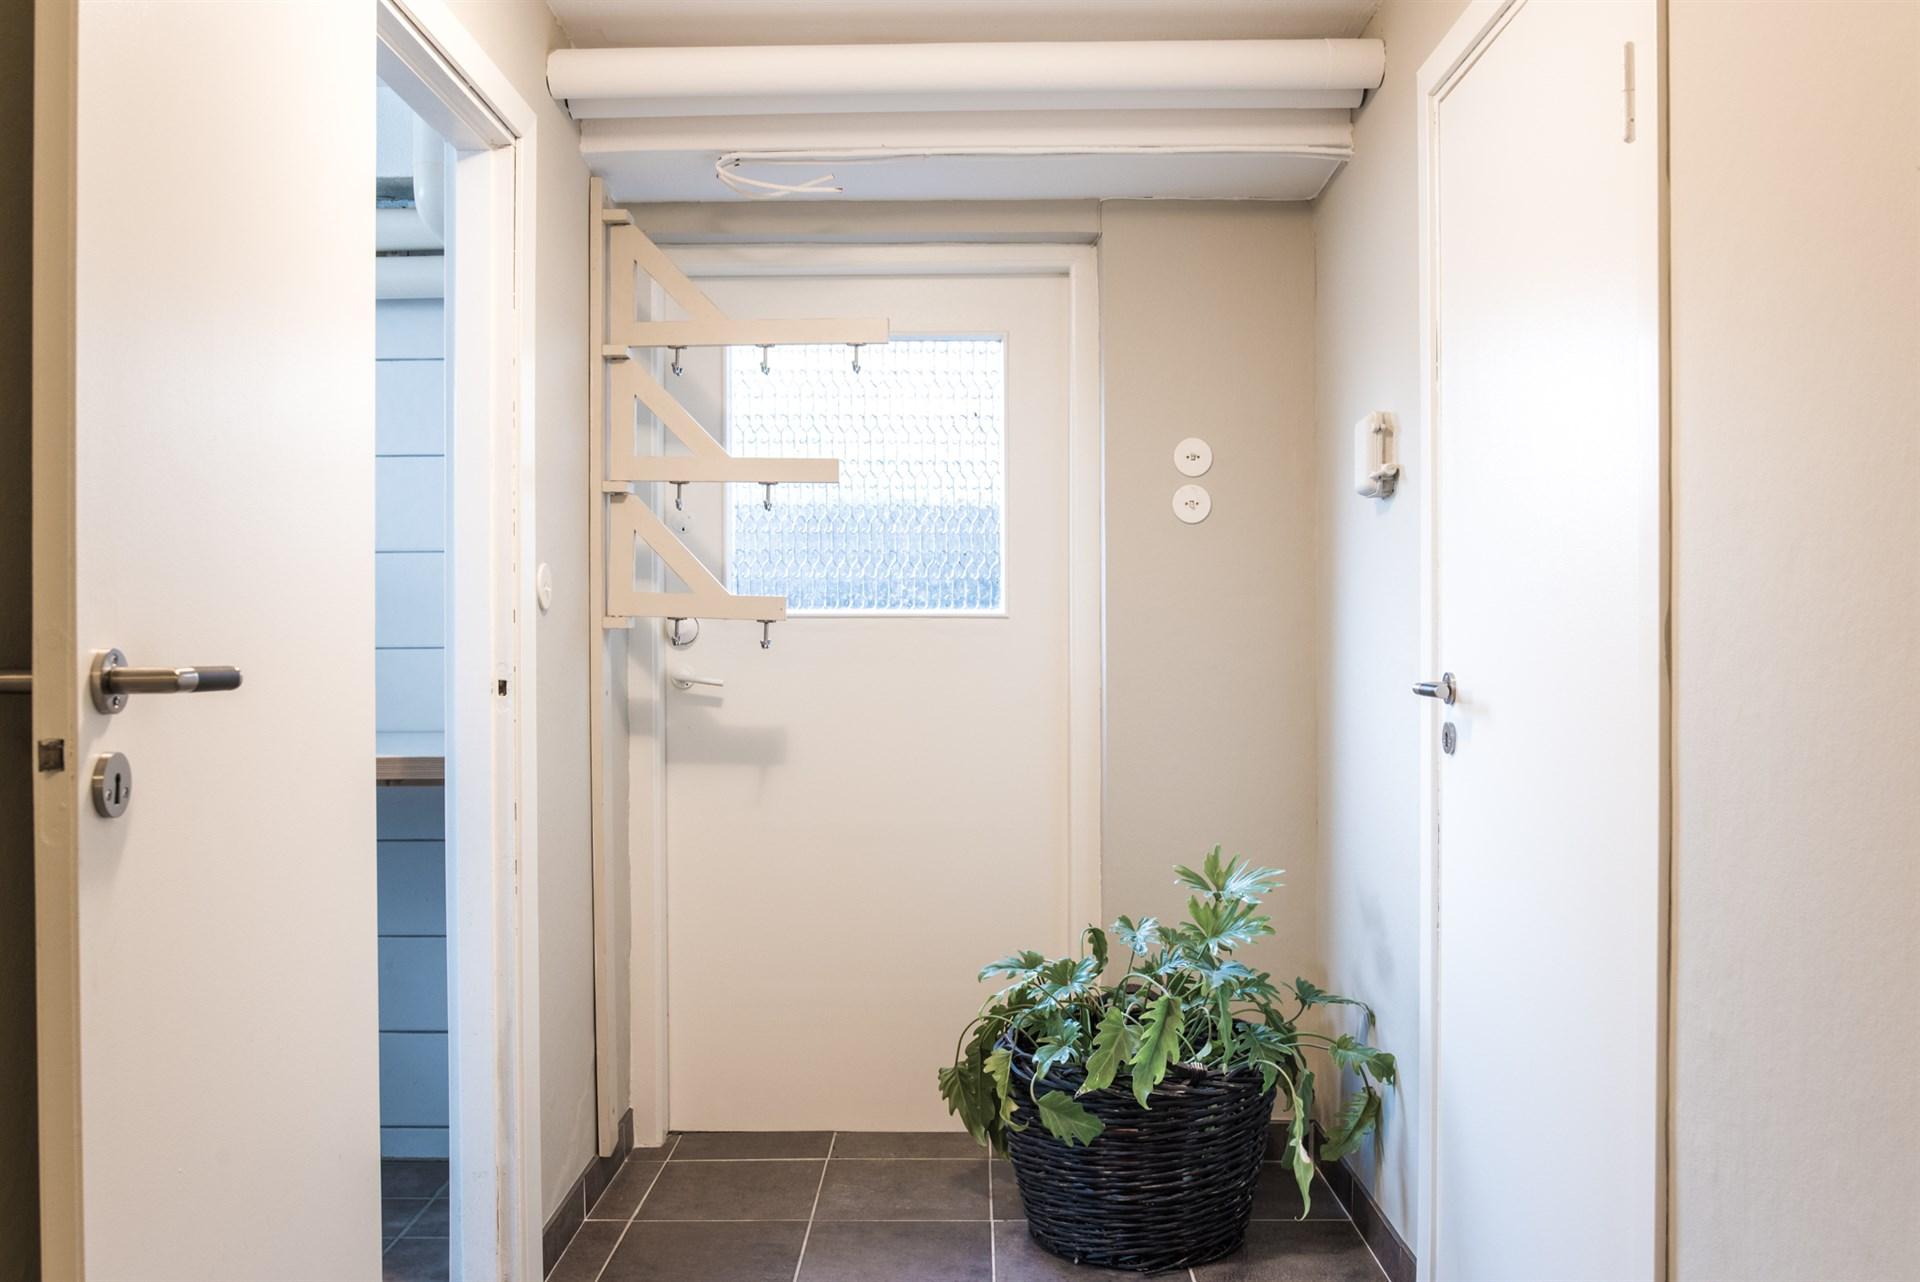 Grovingång/hall etage ned